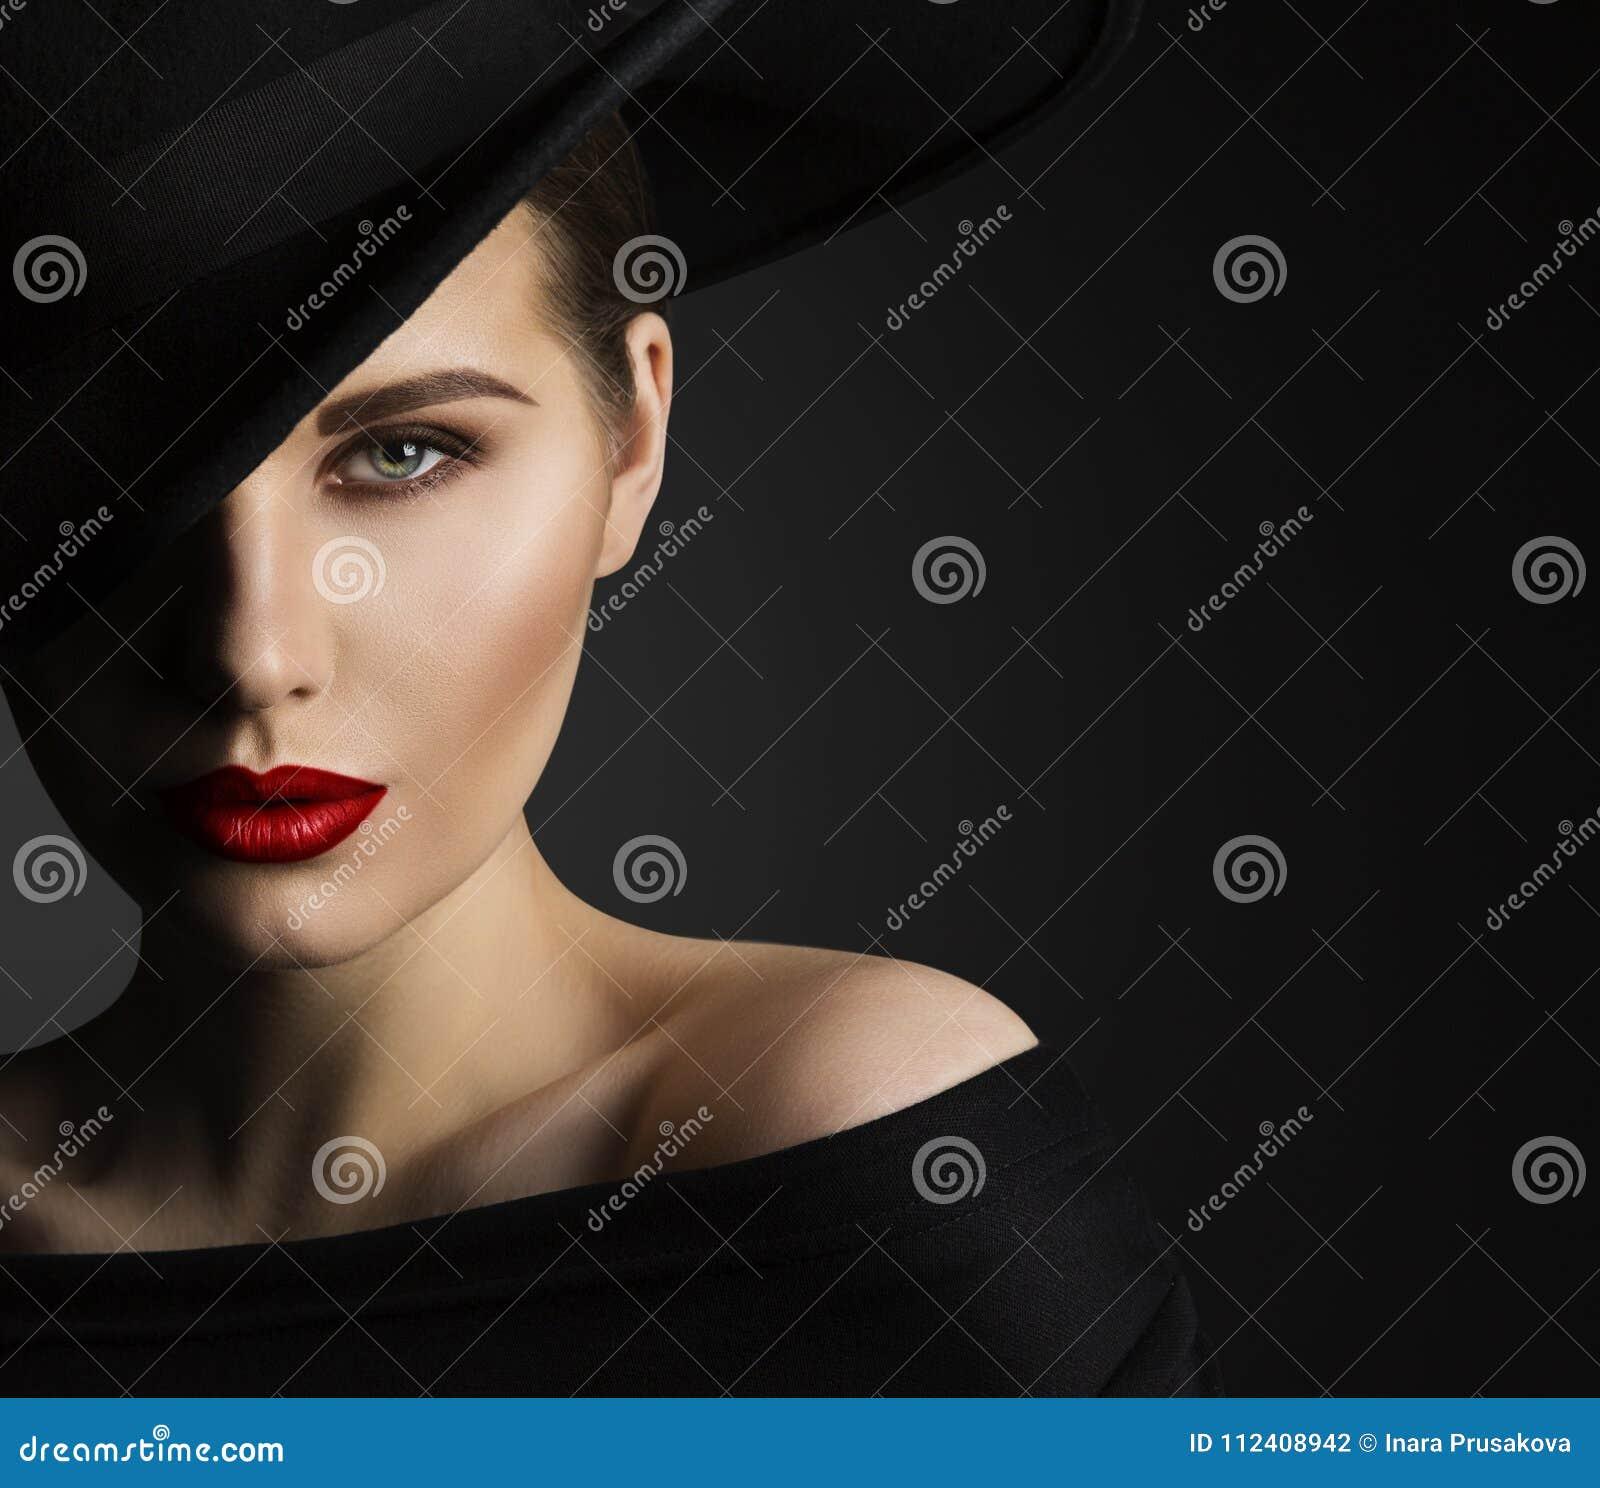 Mode-Modell Beauty Portrait, Frauen-Schönheit, eleganter schwarzer Hut